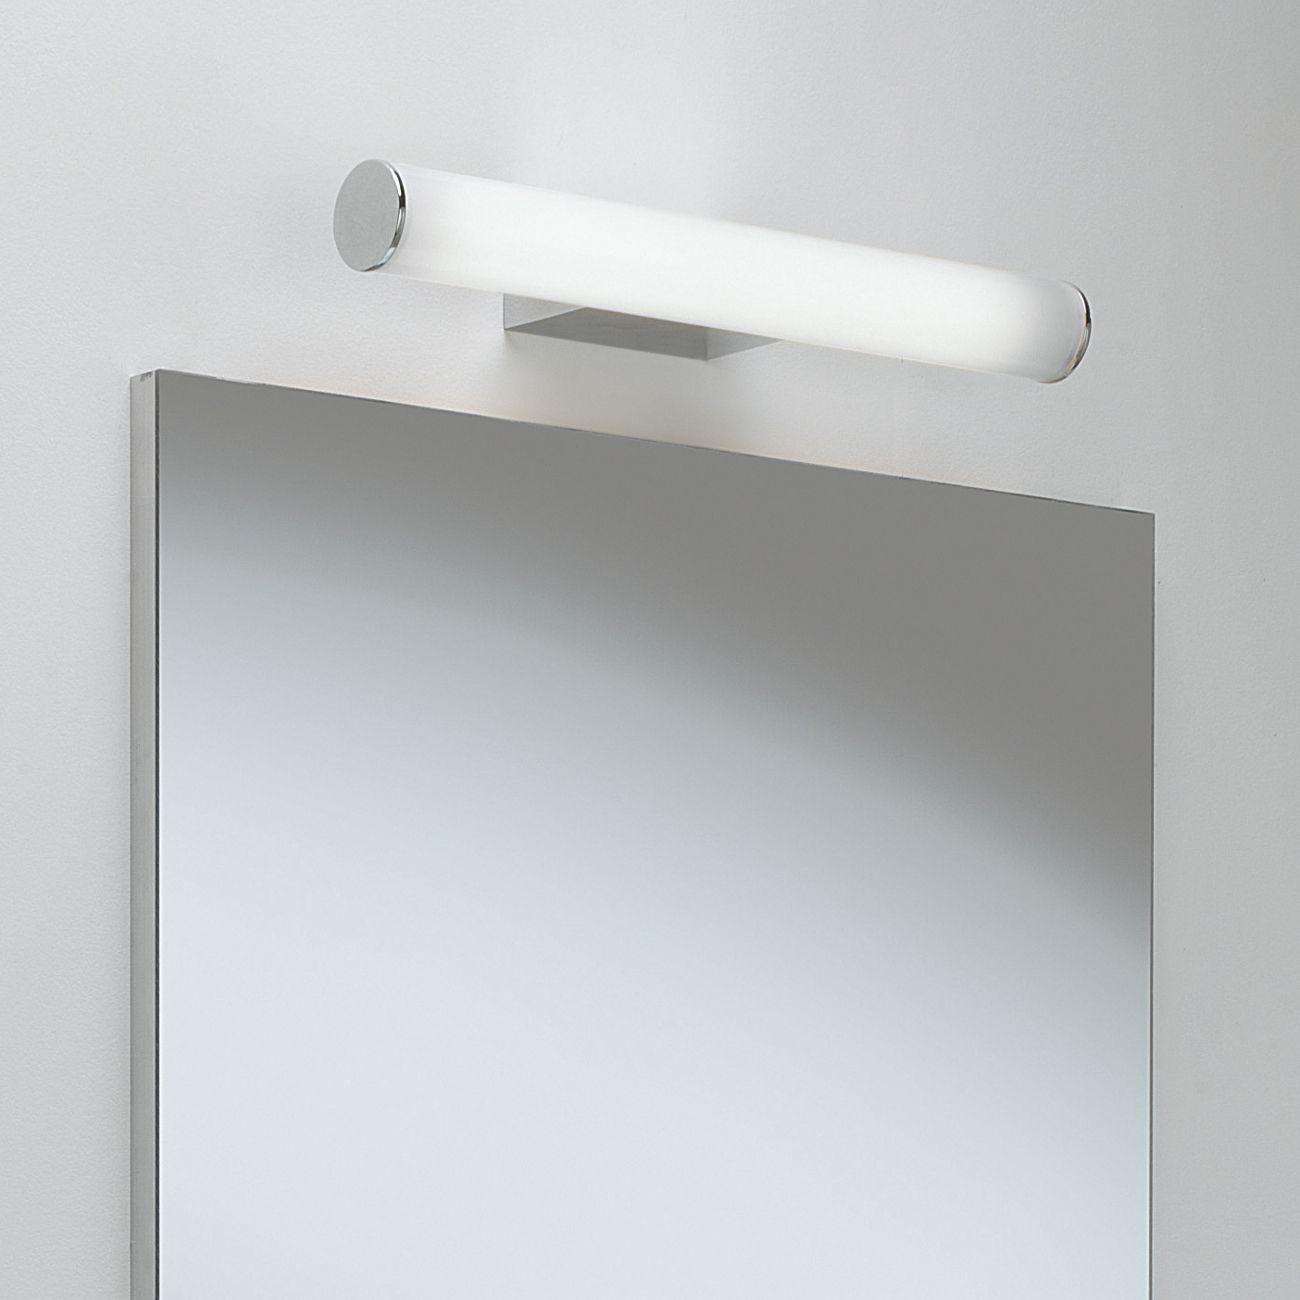 badezimmer spiegelleuchte led frisch bild der acfbcdcecbcf